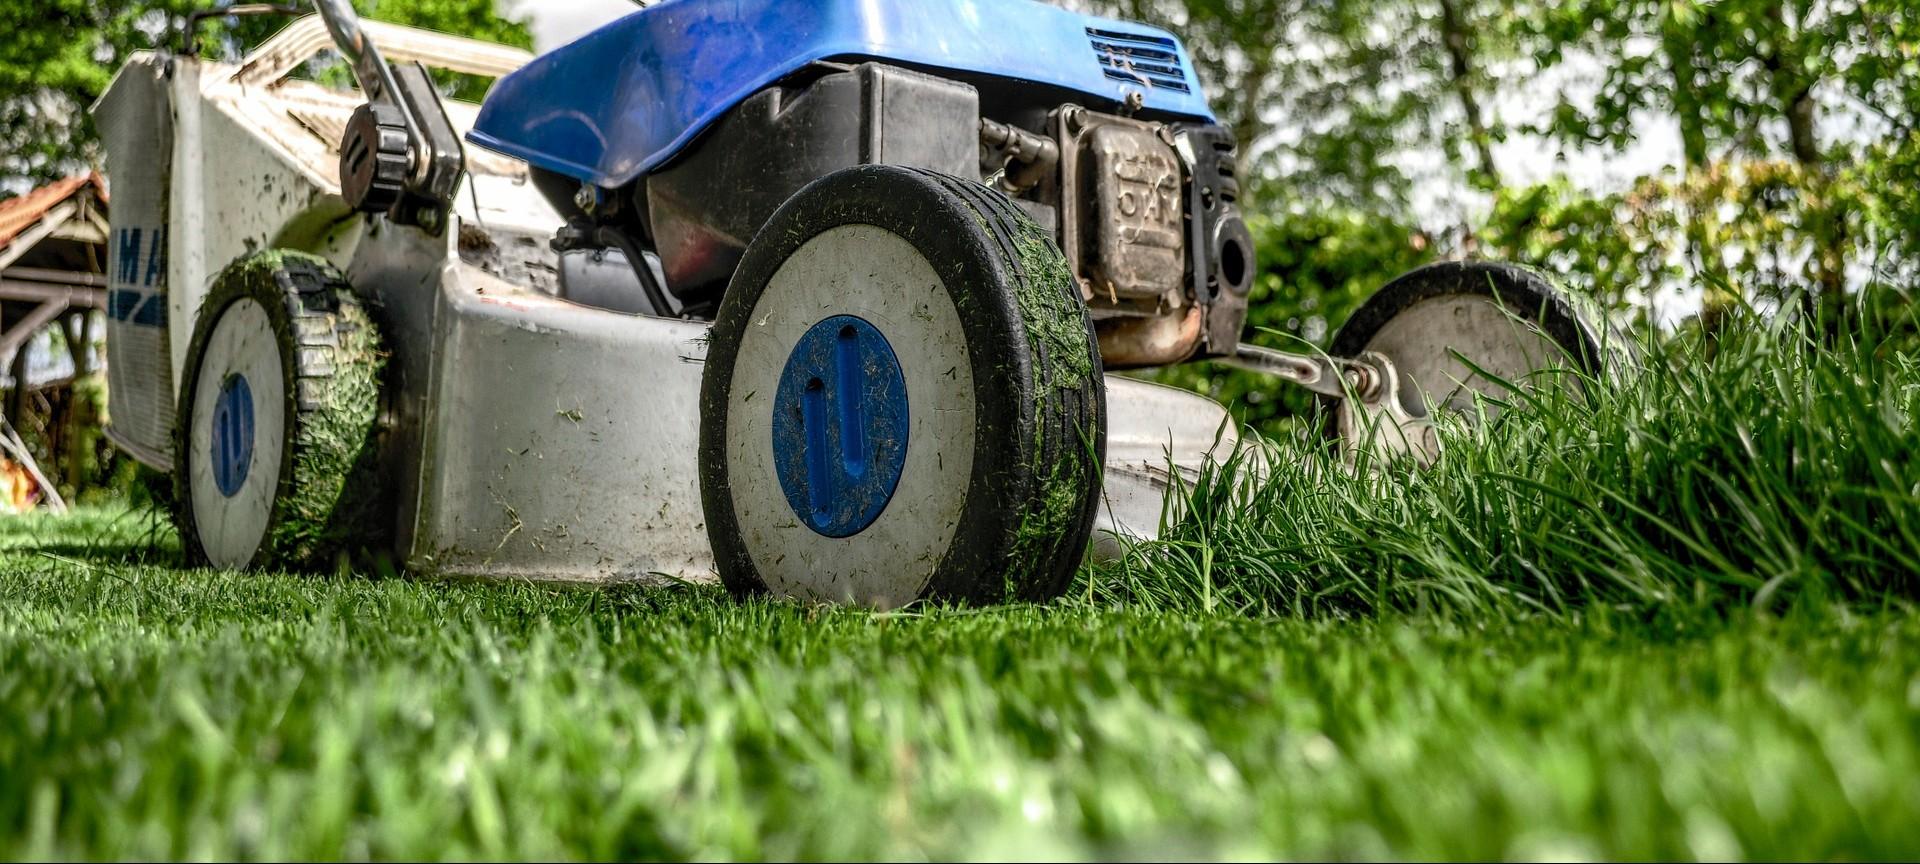 Tagliare l 39 erba come quanto perch vivaio scariot - Cosa mettere al posto dell erba in giardino ...